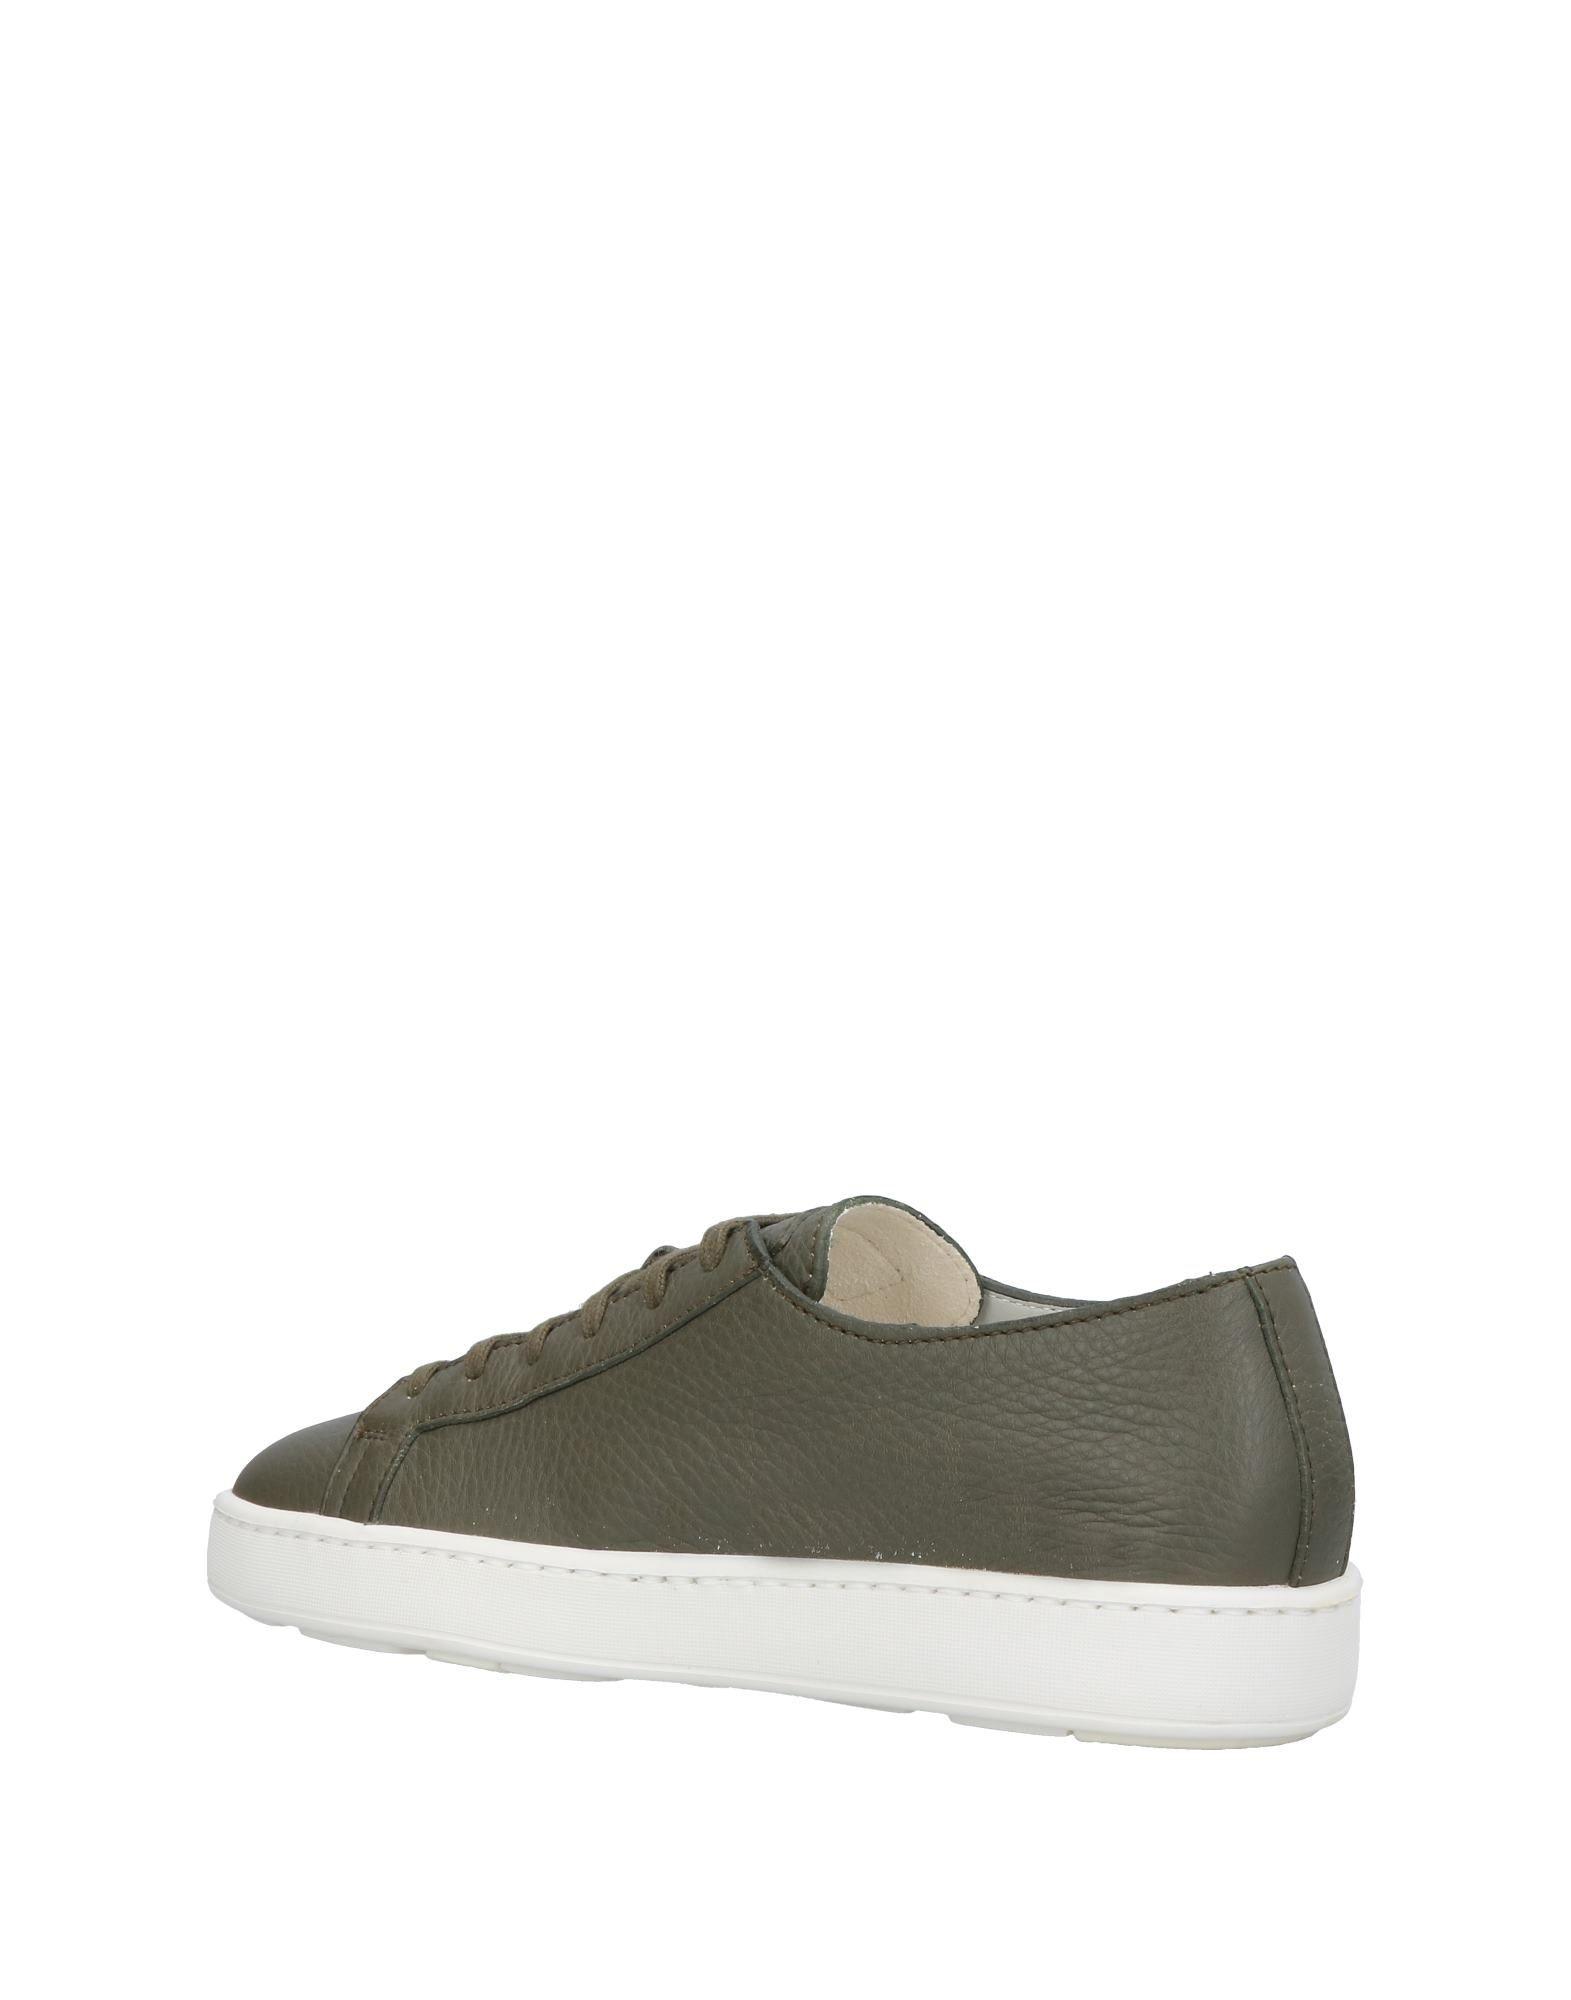 Santoni Sneakers Herren Heiße  11409856BK Heiße Herren Schuhe a805d1